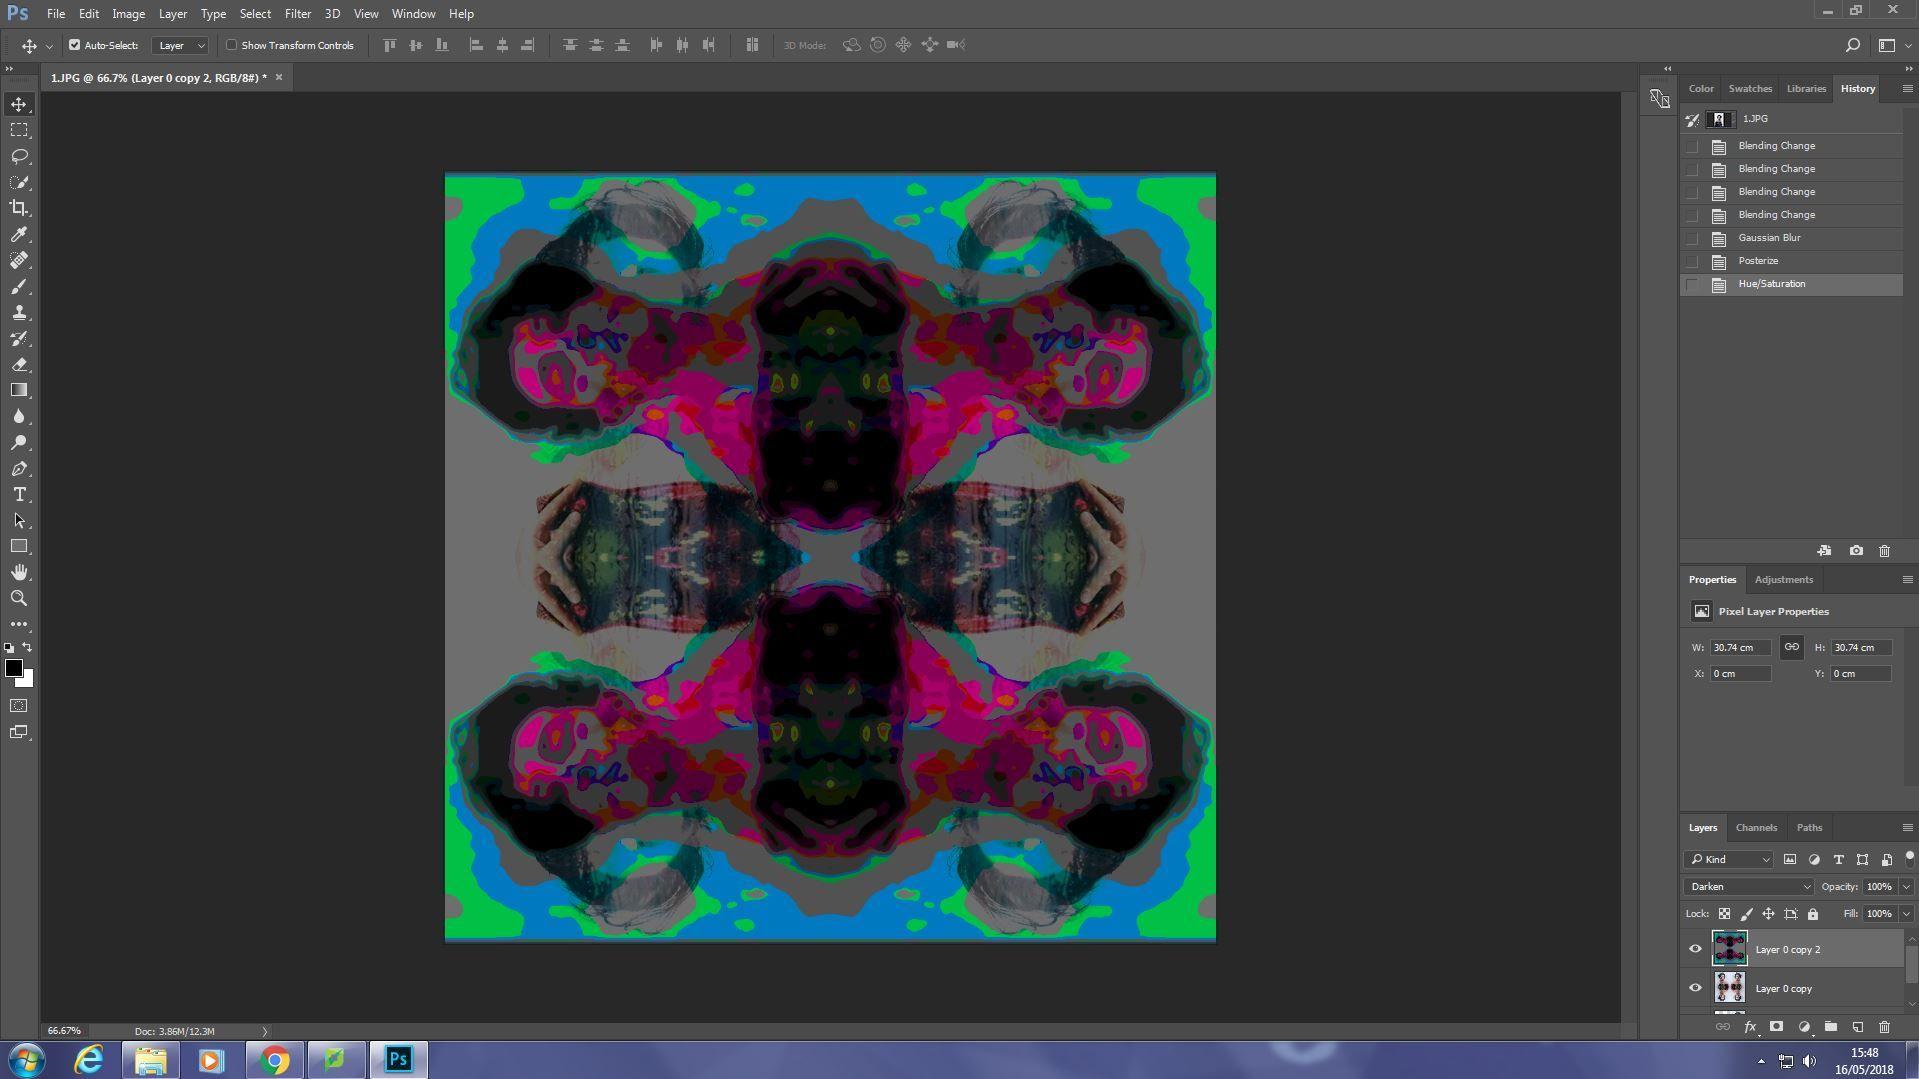 I edited it with the effect - Darken  Then Gaussian Blur